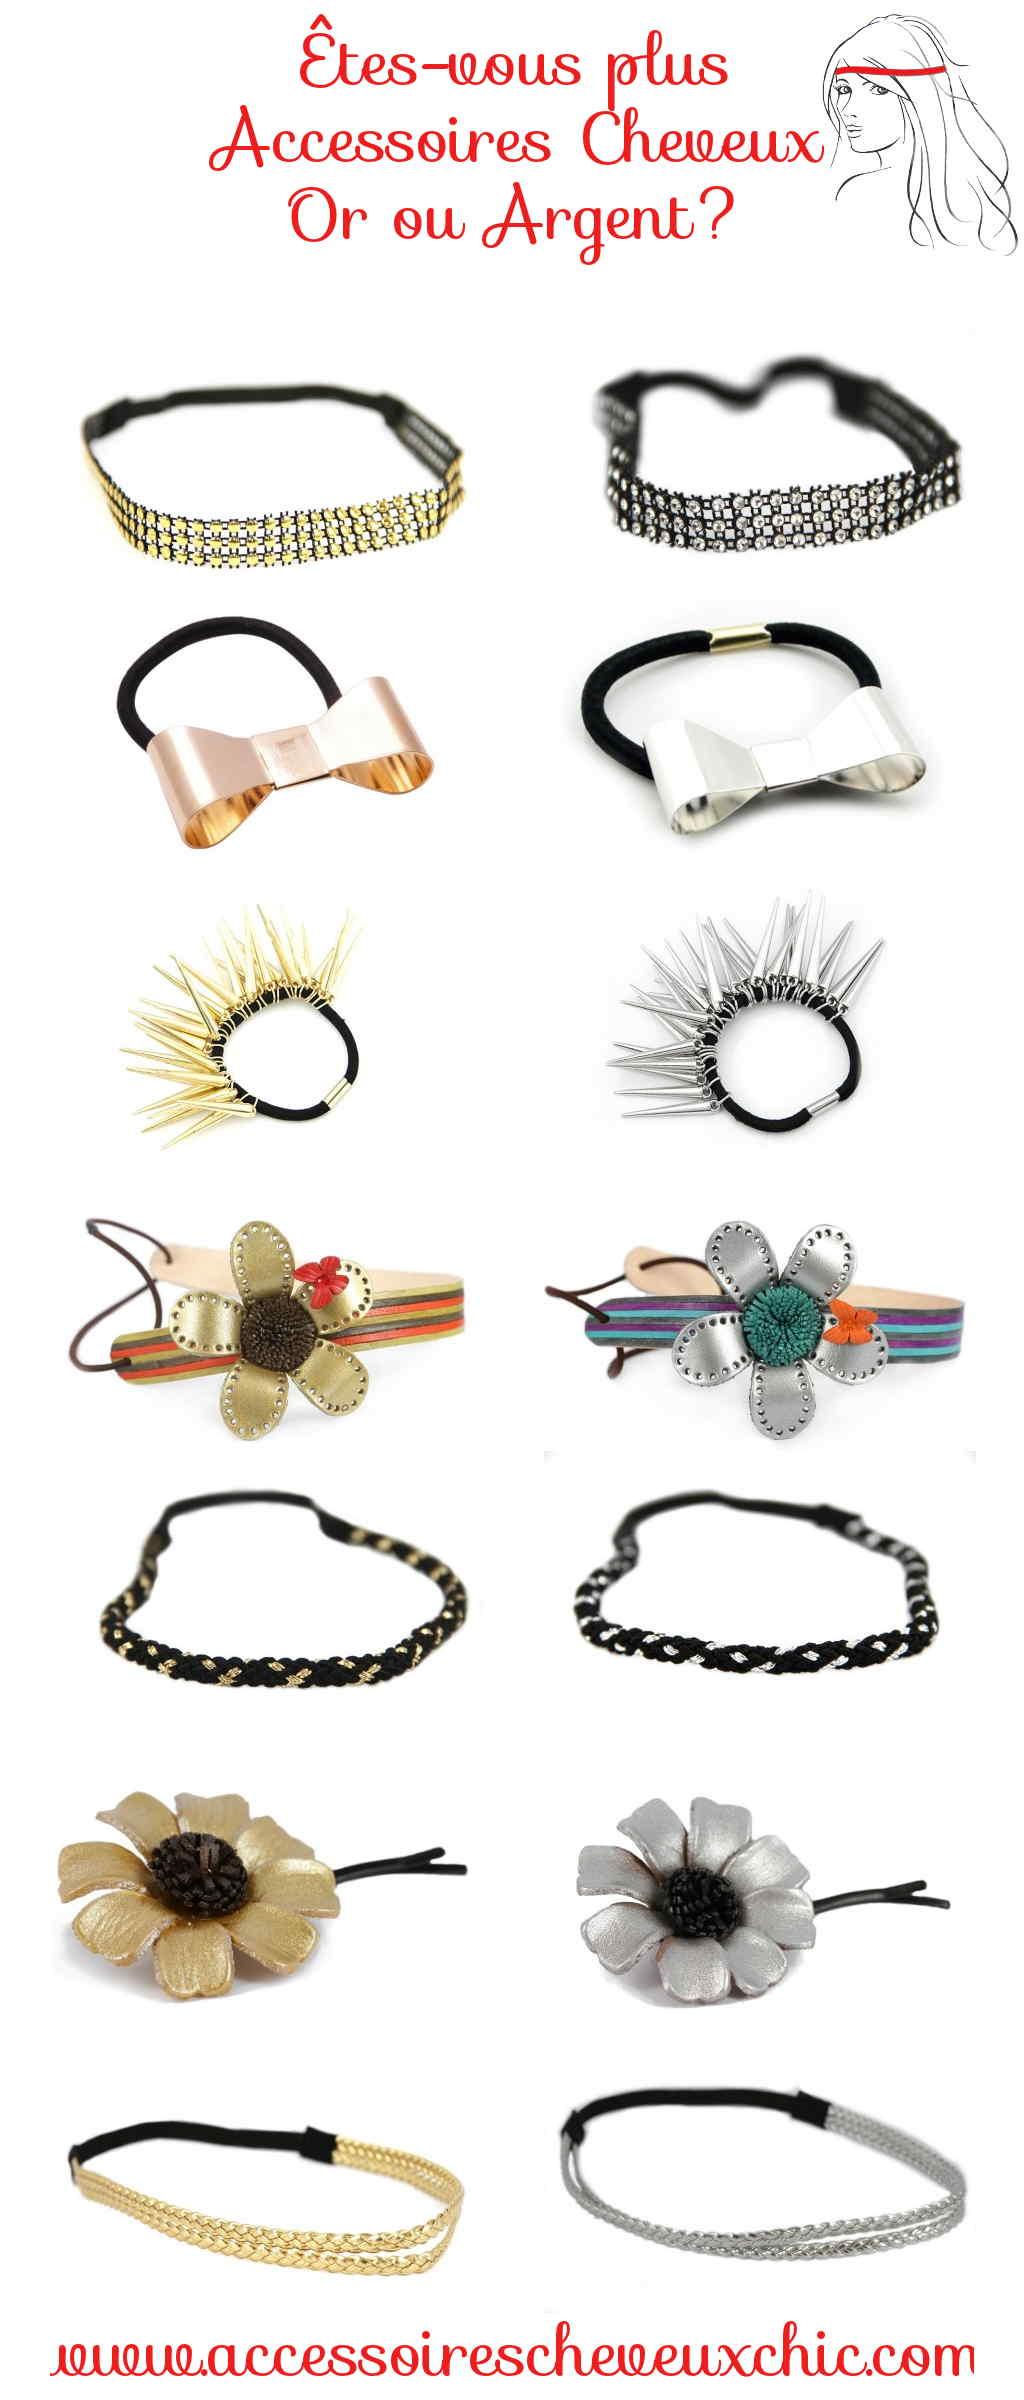 êtes vous plutôt accessoires cheveux argent ou or?